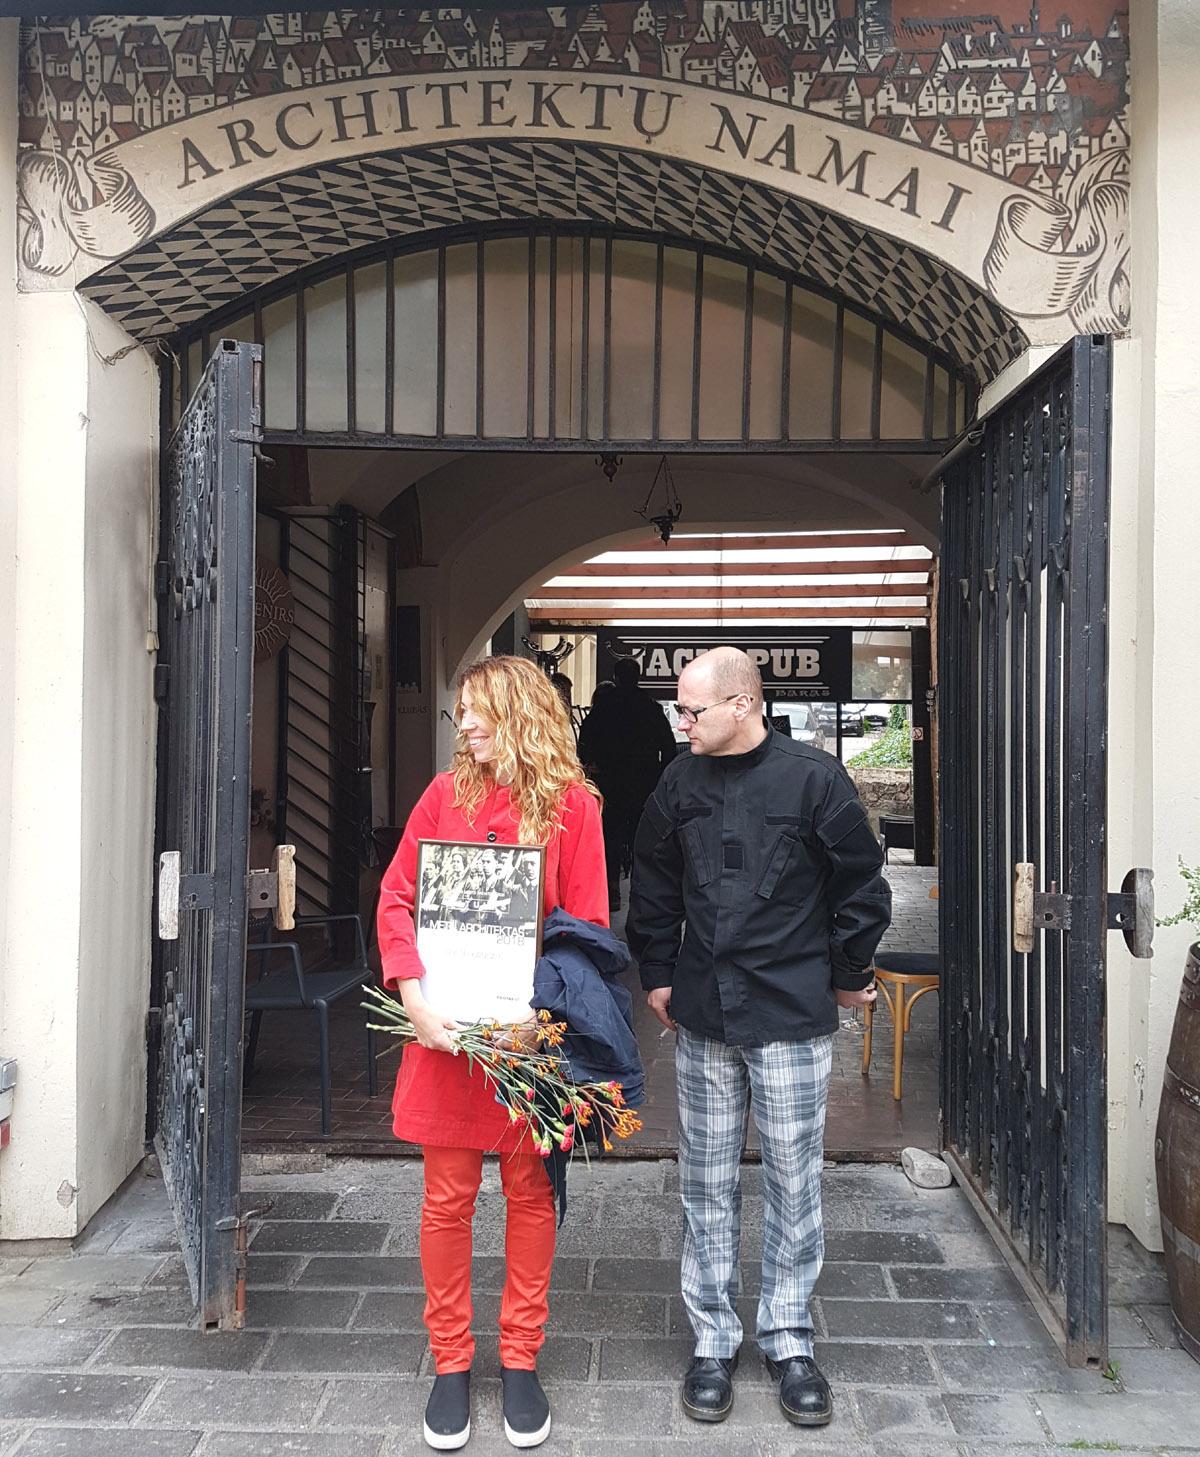 """Kauno architektūros titulu """"Metų architektas 2018"""" Gustė Kančaitė įvertinta, nesulaukusi nė 40-ties. Foto: T.Petreikis ir A.Karalius"""